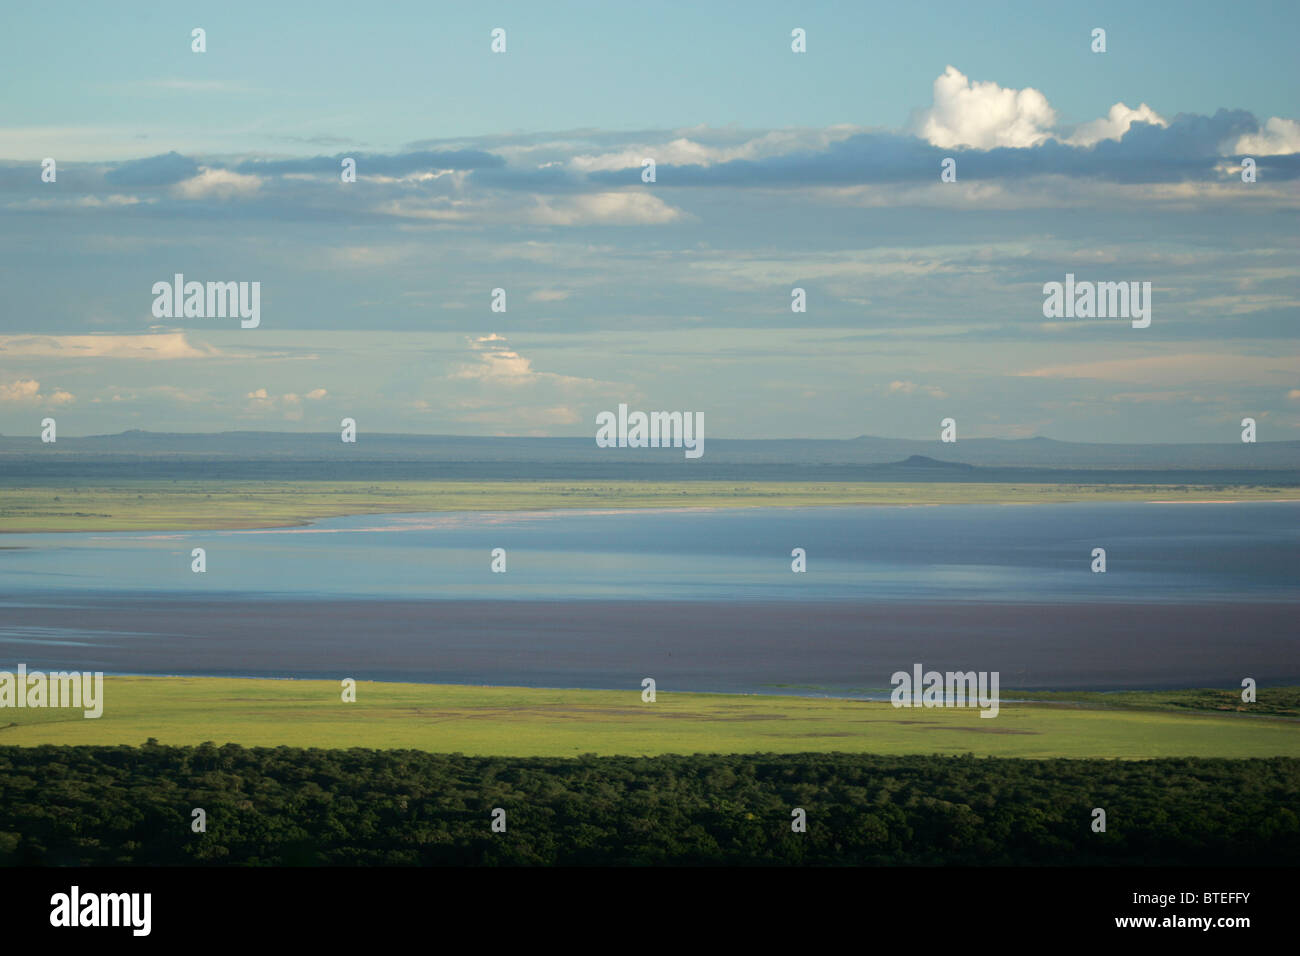 Lake Manyara landscape - Stock Image